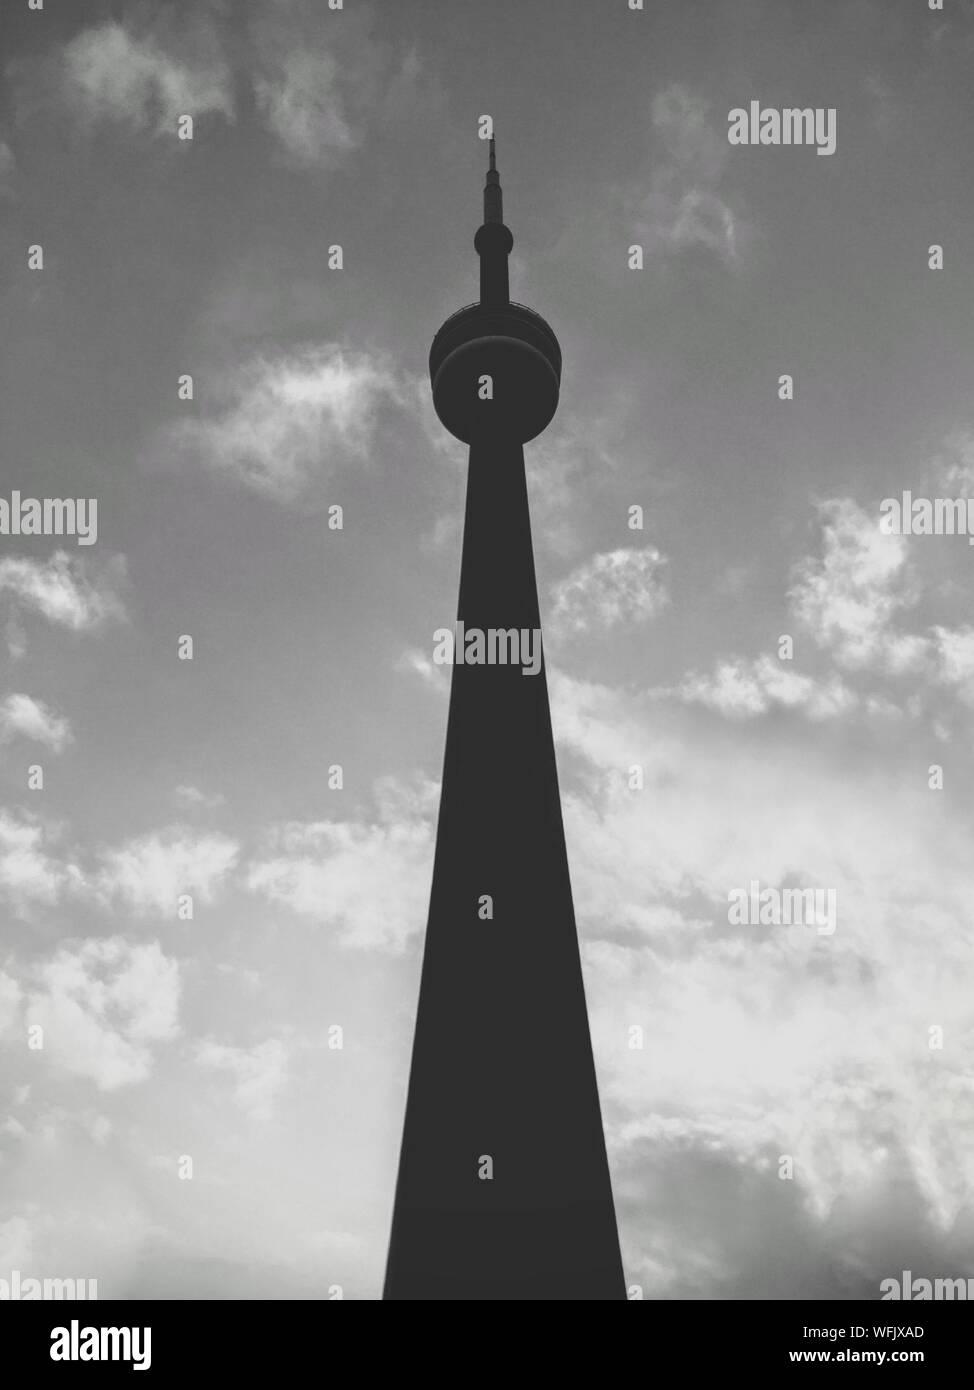 Ángulo de visión baja de la Torre CN contra el cielo nublado Foto de stock